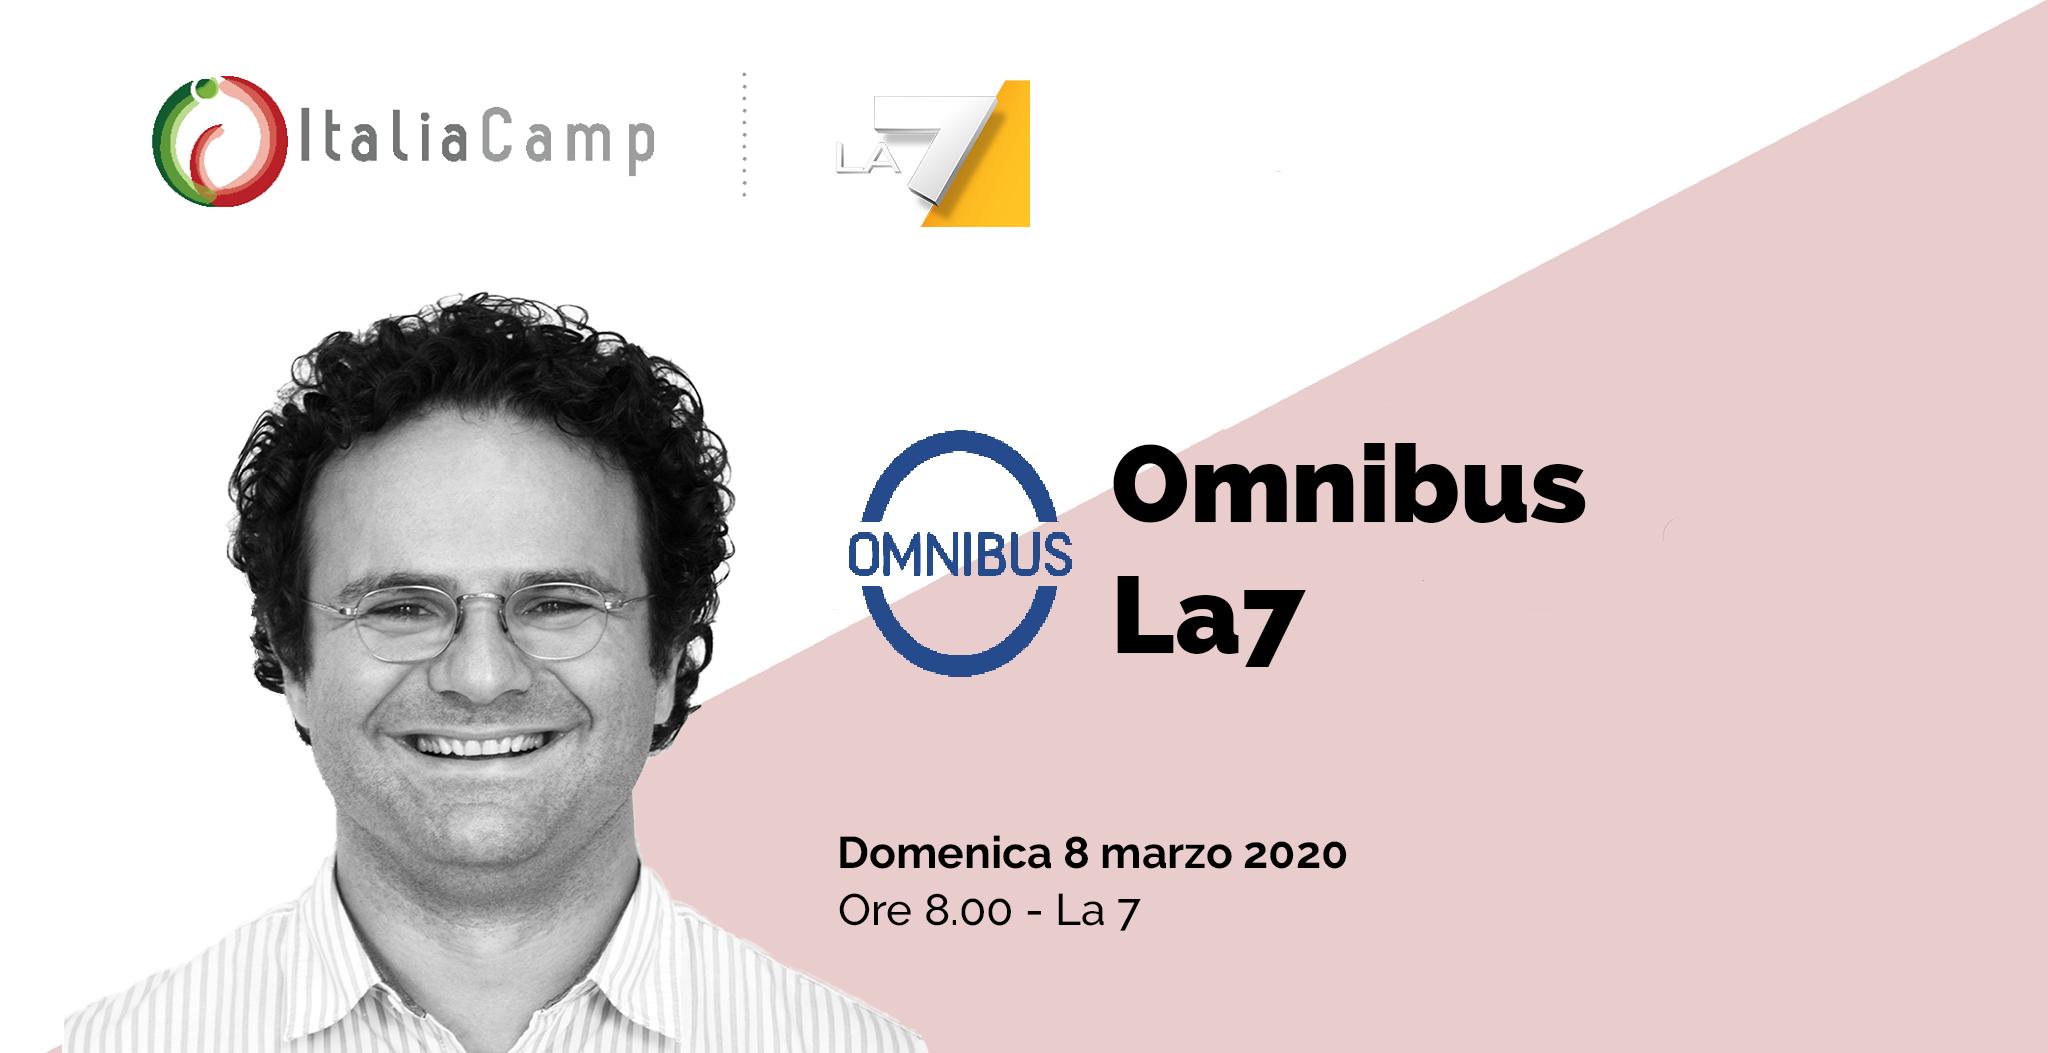 Sammarco La7